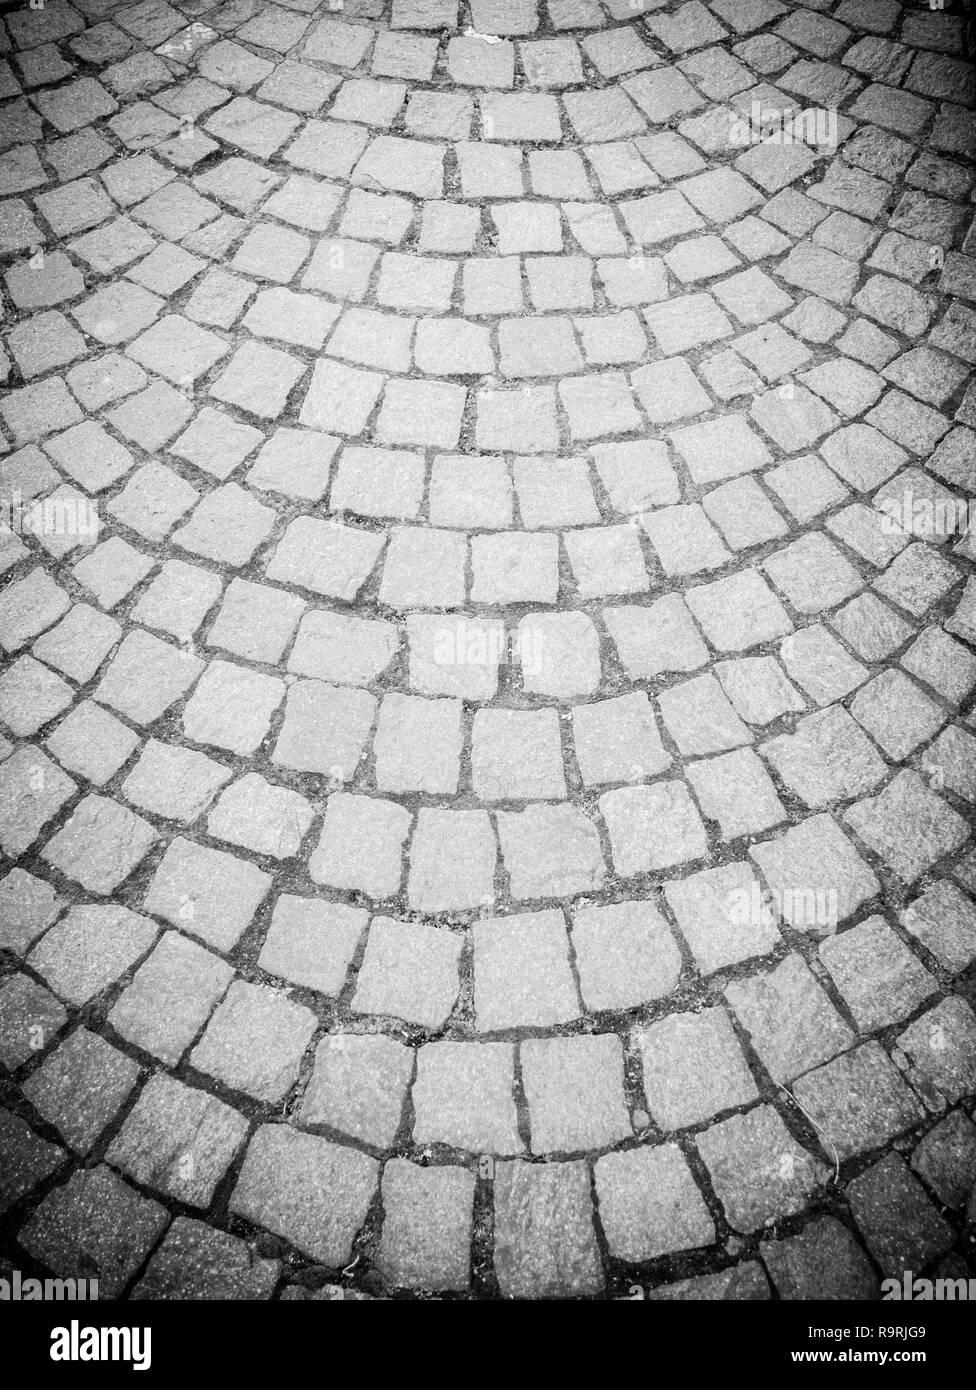 Alte Art von Straße Pflasterung, aus Lavastein Rechtecke mit einem harmonisch halbkreisförmige Struktur. Horizontale Ansicht Stockbild